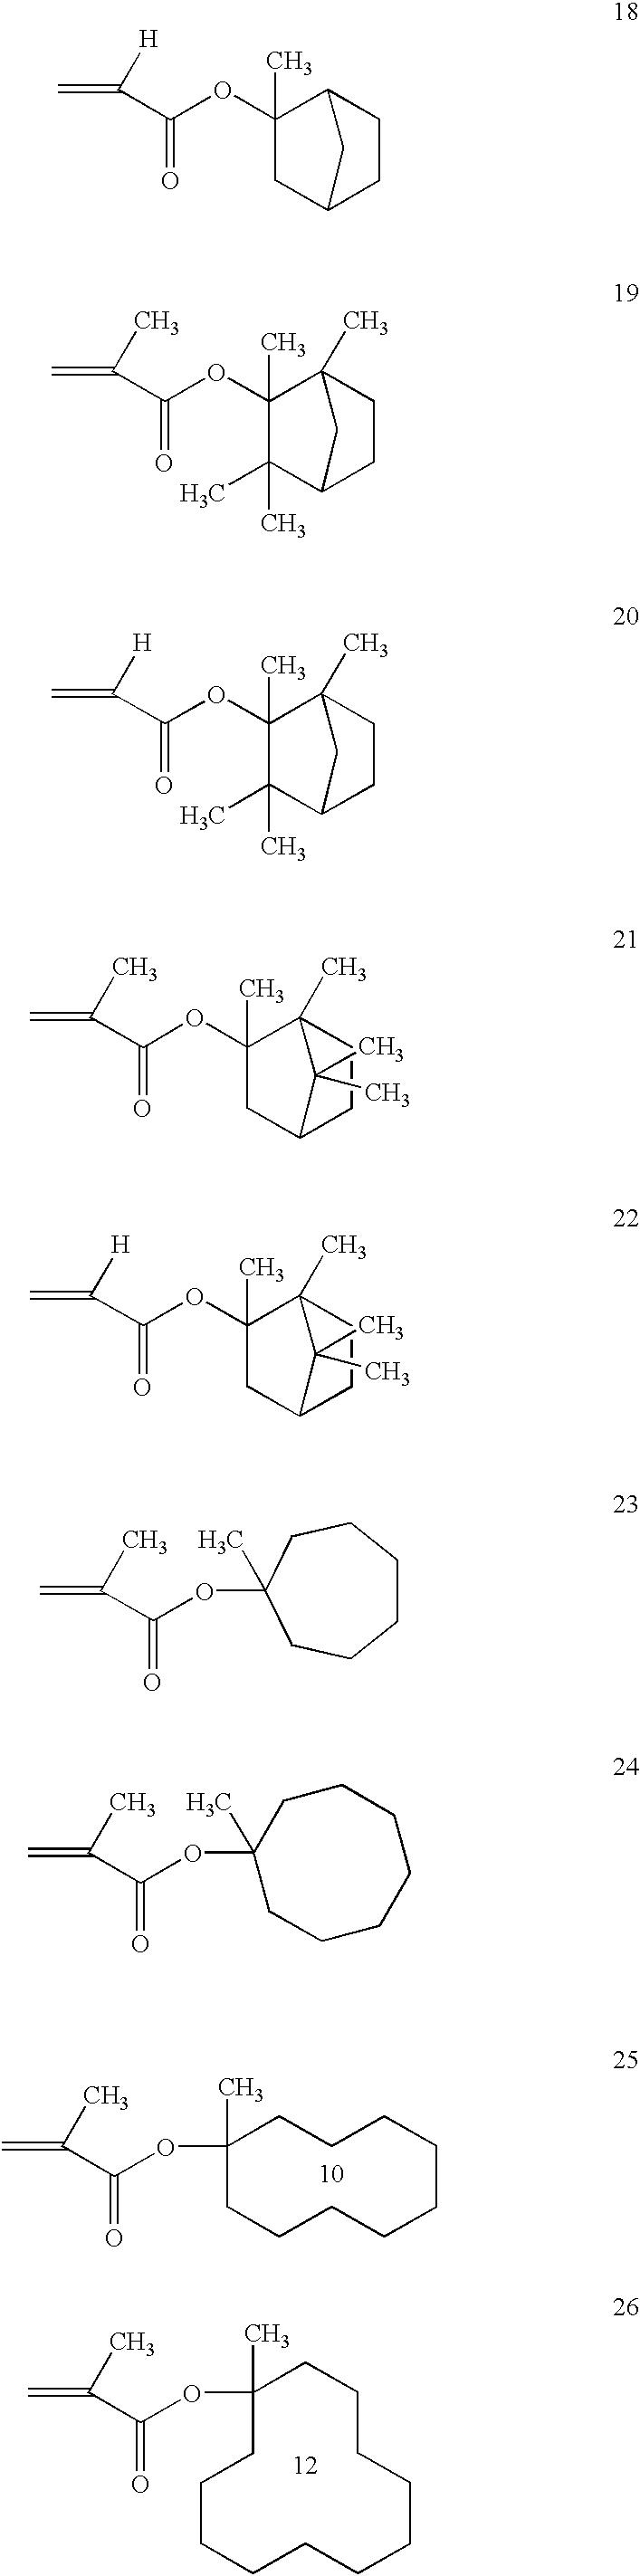 Figure US06596458-20030722-C00035